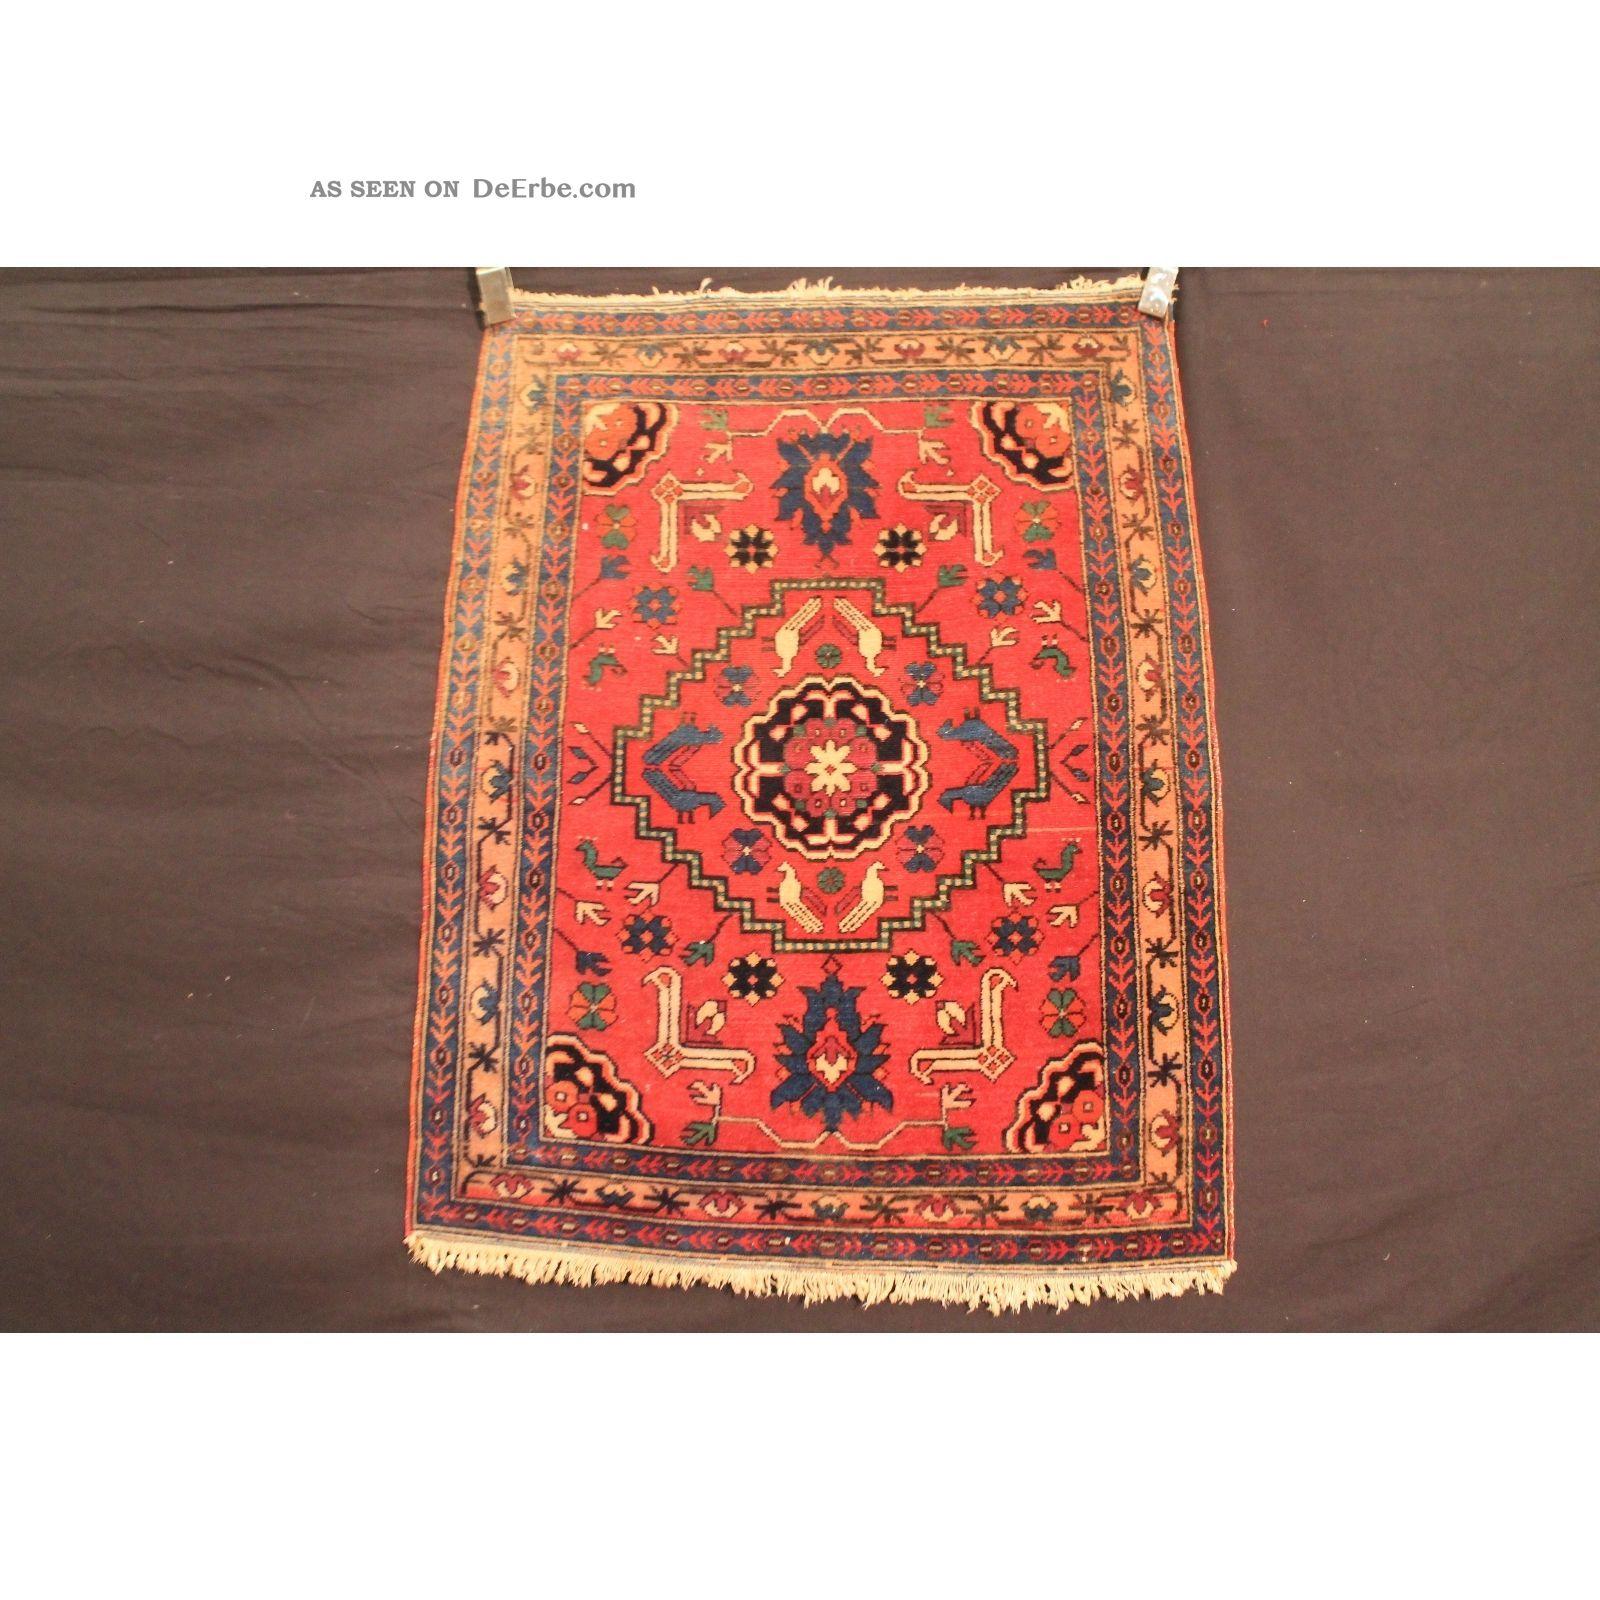 Antiker Handgeknüpfter Orient Sammler Teppich Kazak Azerbadjan Carpet Antique Teppiche & Flachgewebe Bild